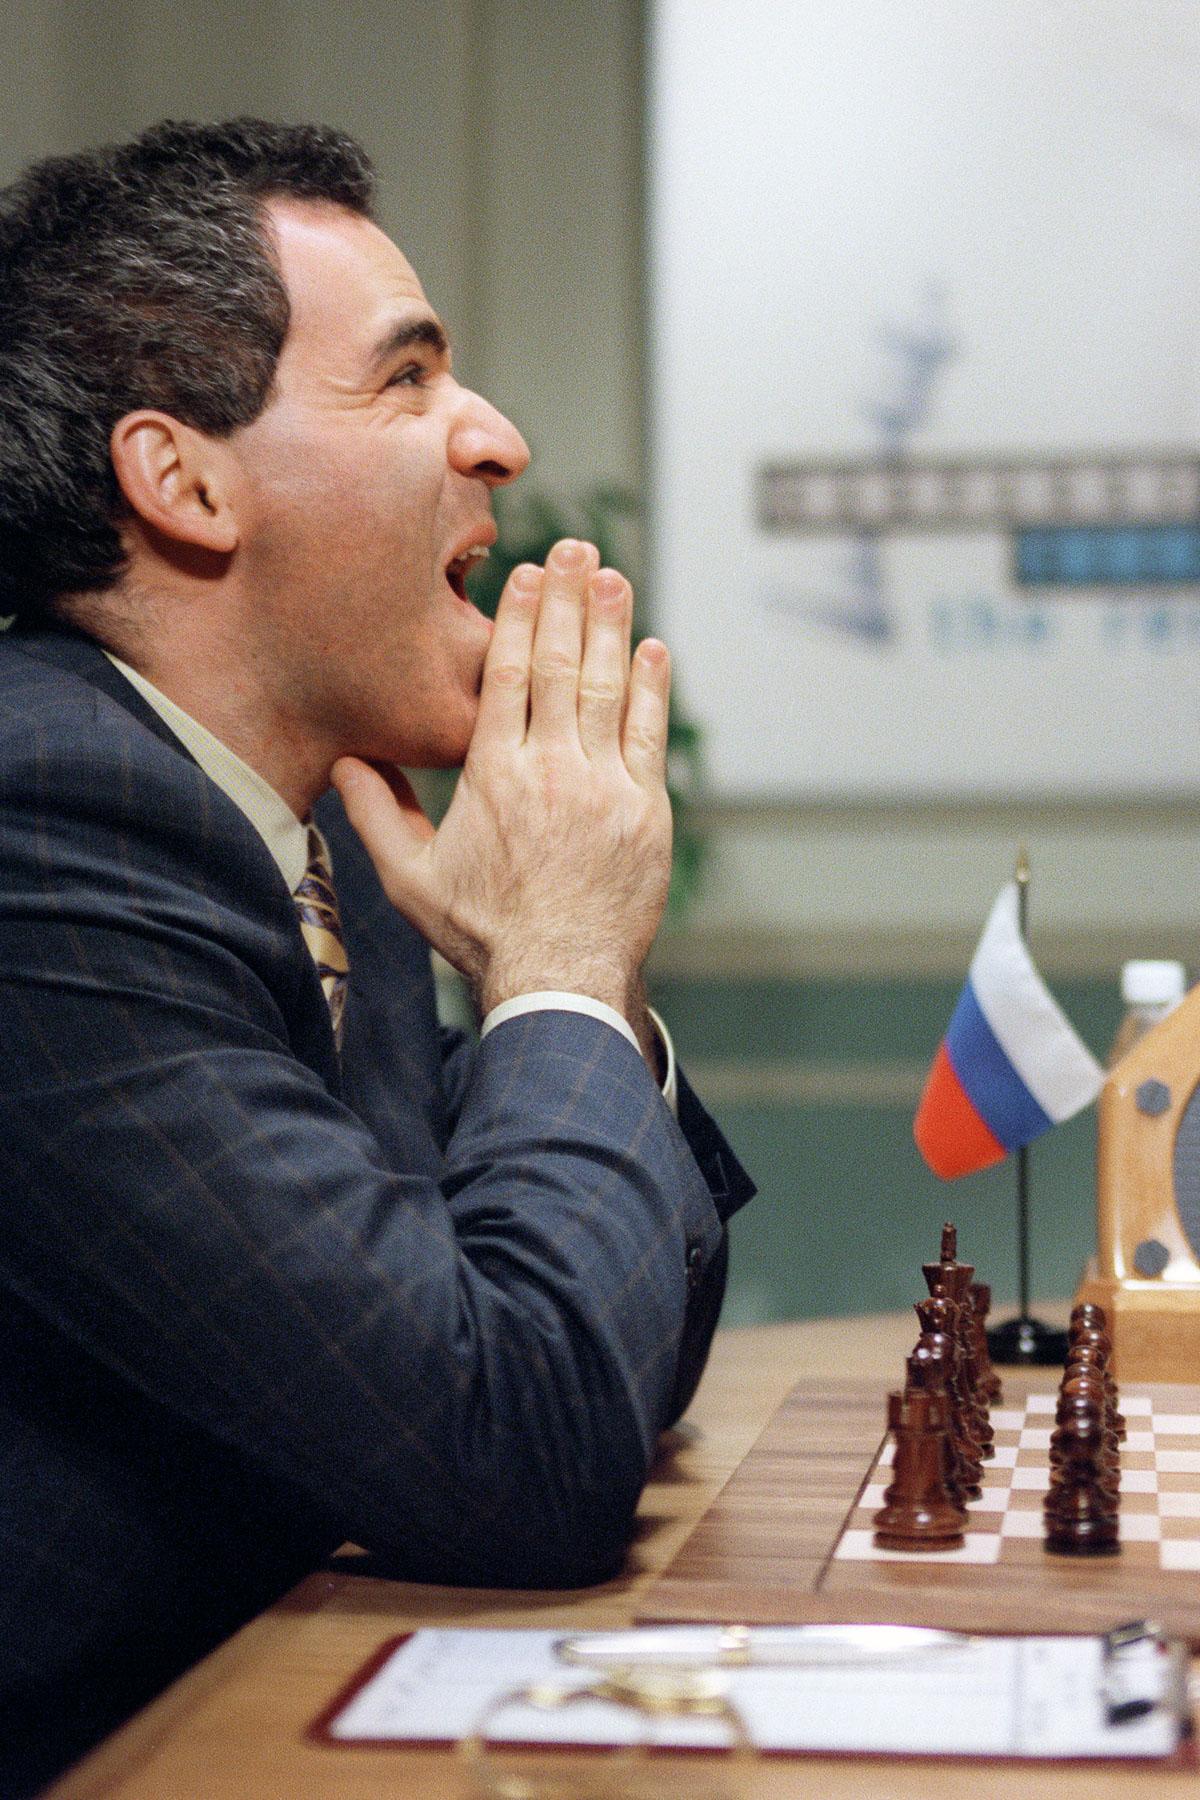 Shahmatnye matchi Kasparov Deep Blue 18